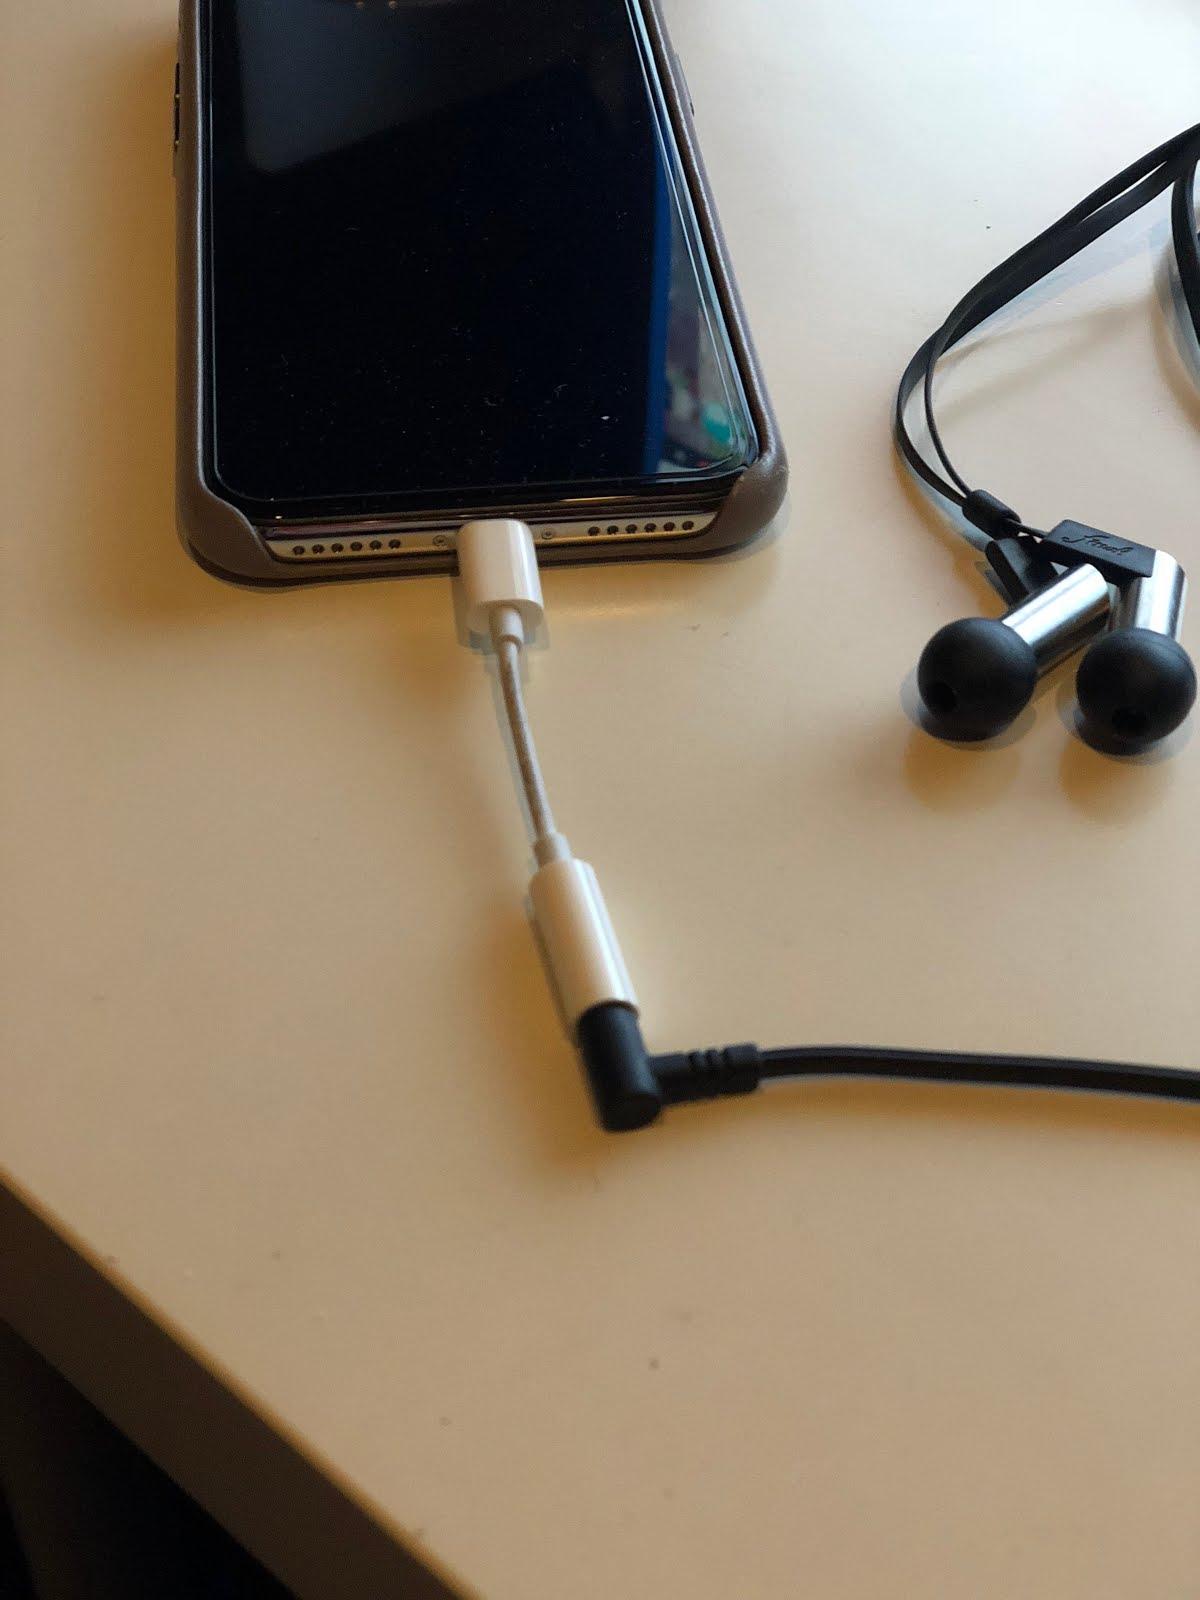 ワイヤードイヤフォンの投資が非常に高額だった場合の救済措置として手を出すのもありかと思いますが,そうなるとそこまでiPhoneのオーディオに拘る必要はなくなってき